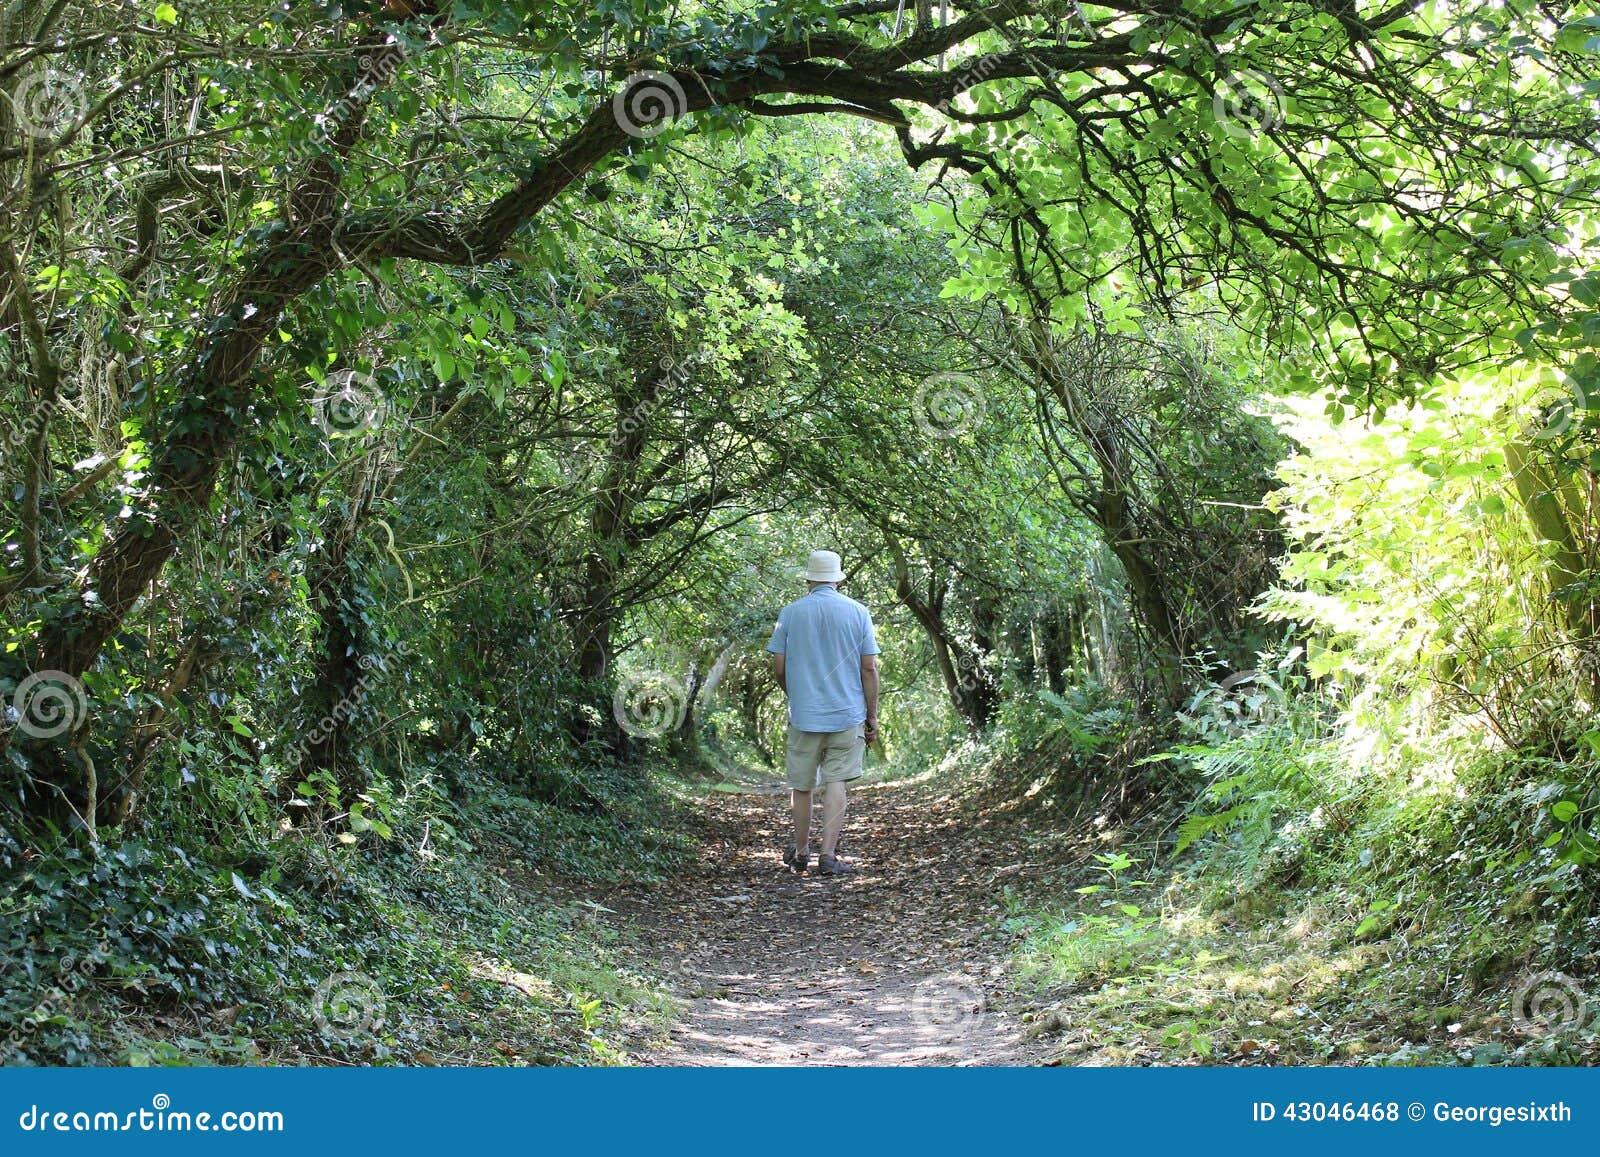 Wanderer auf dem Fußweg gestaltet durch Bäume am Sommertag